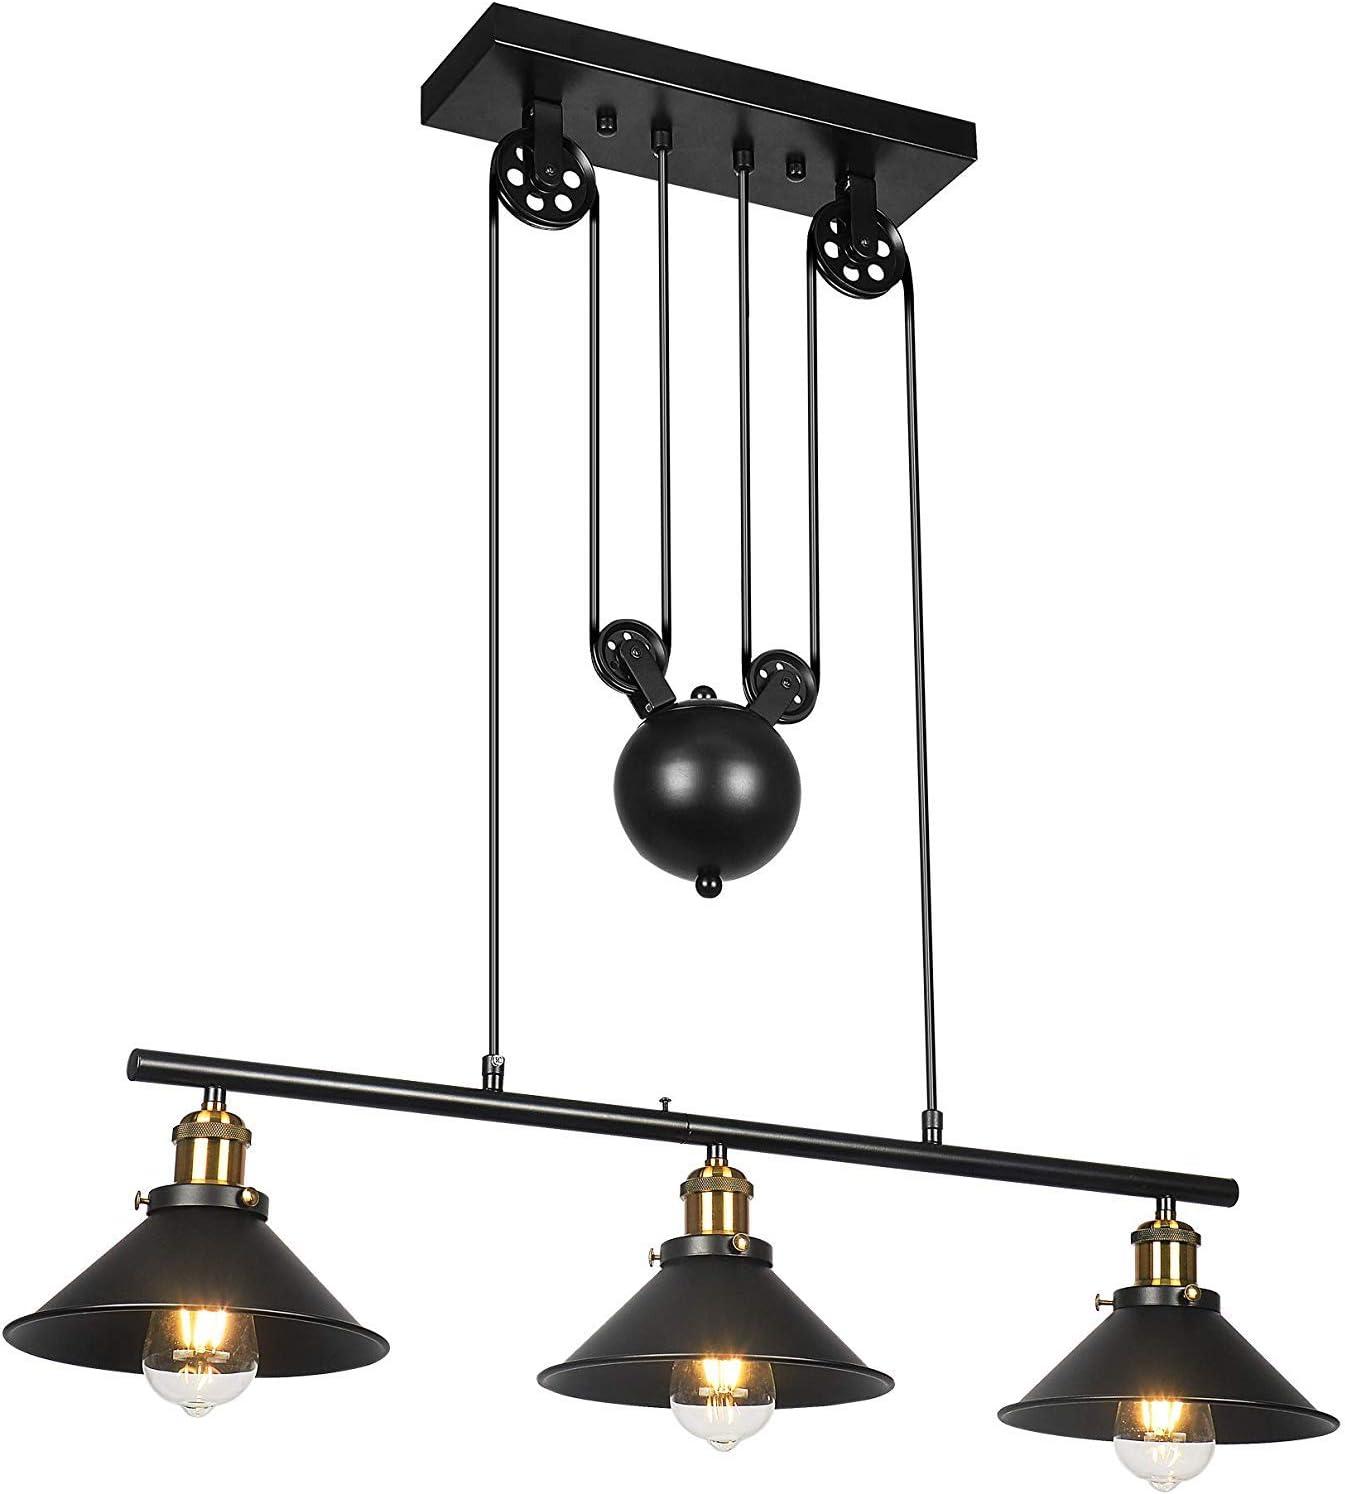 OOFAY TAPS Fer Poulie Pendant Light Motent Industrial Vintage 3-Light r/étractable Lustre r/églable Loft Suspendu lumi/ère huil/é Fini Fixture Lampe de Plafond pour Kitchen Island Bar Salle /à Manger